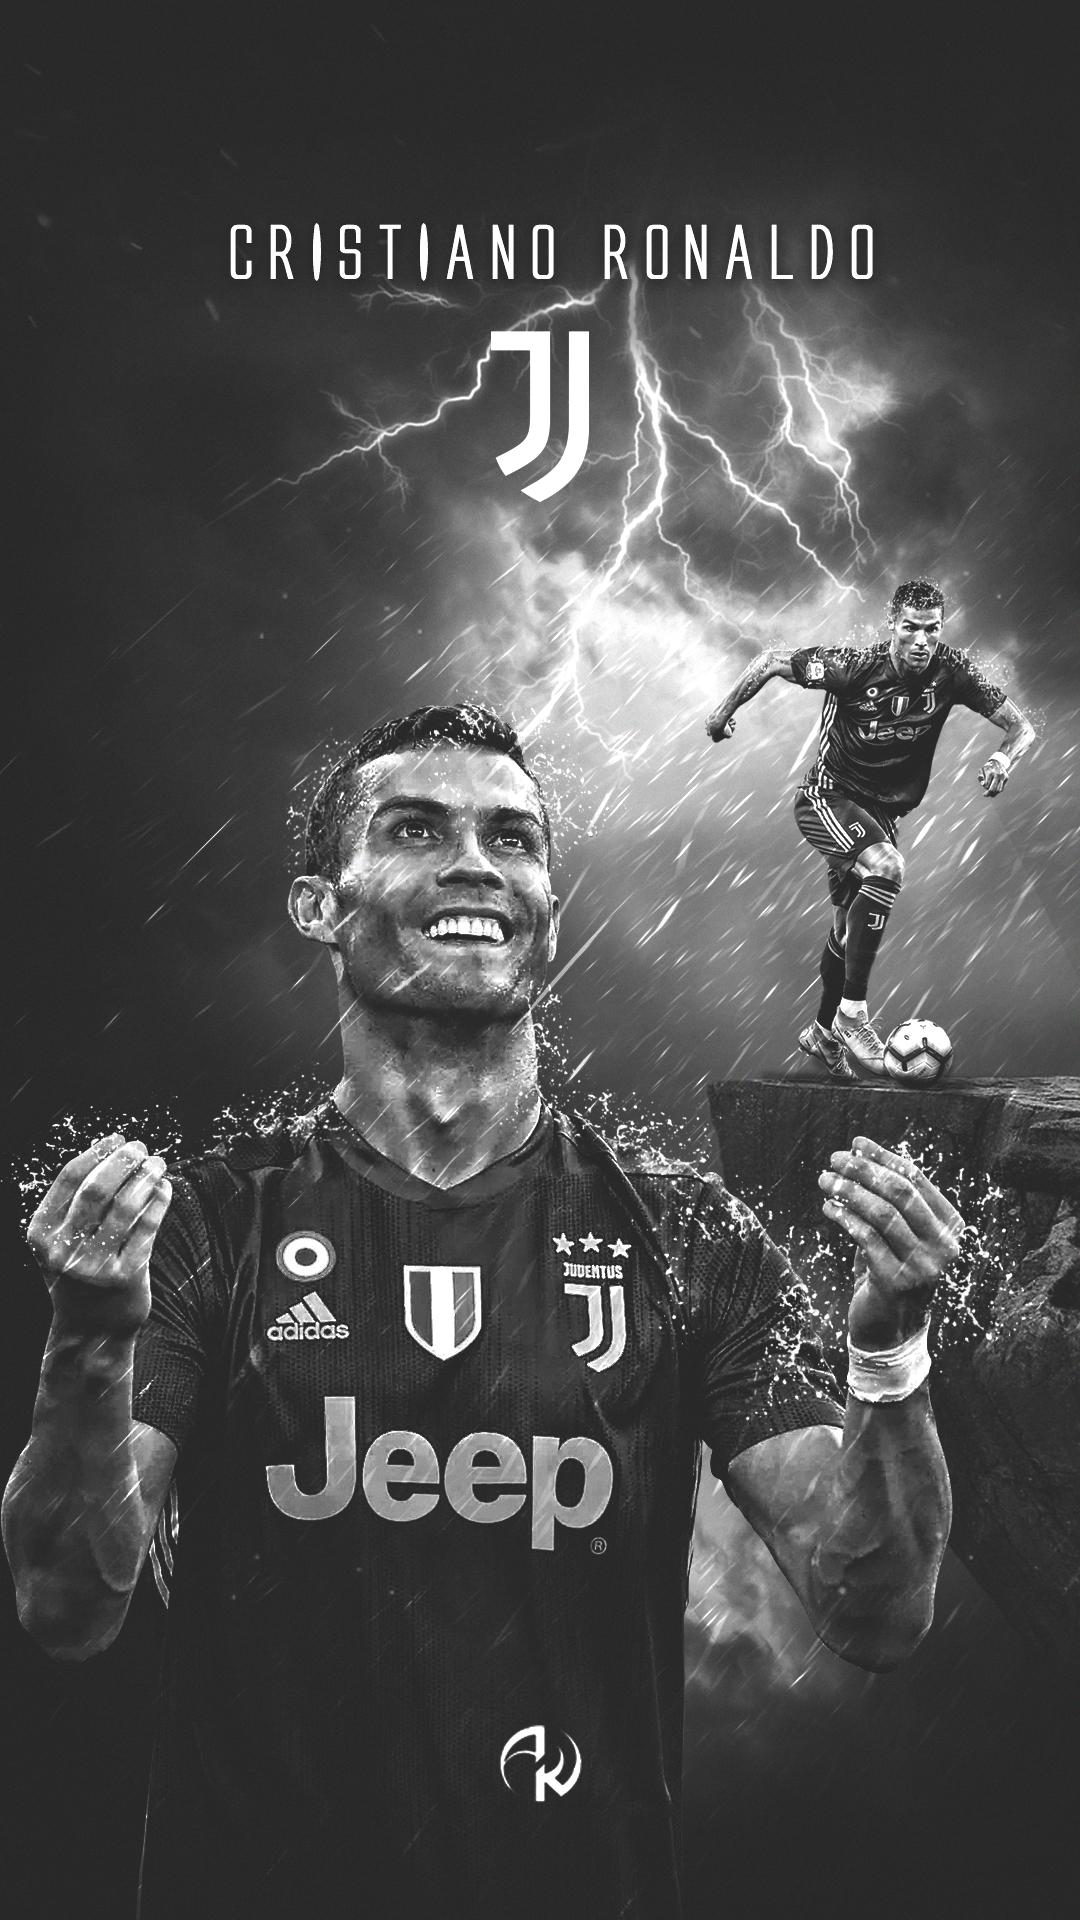 SportsCristiano Ronaldo 1080x1920 Wallpaper ID 750933   Mobile 1080x1920